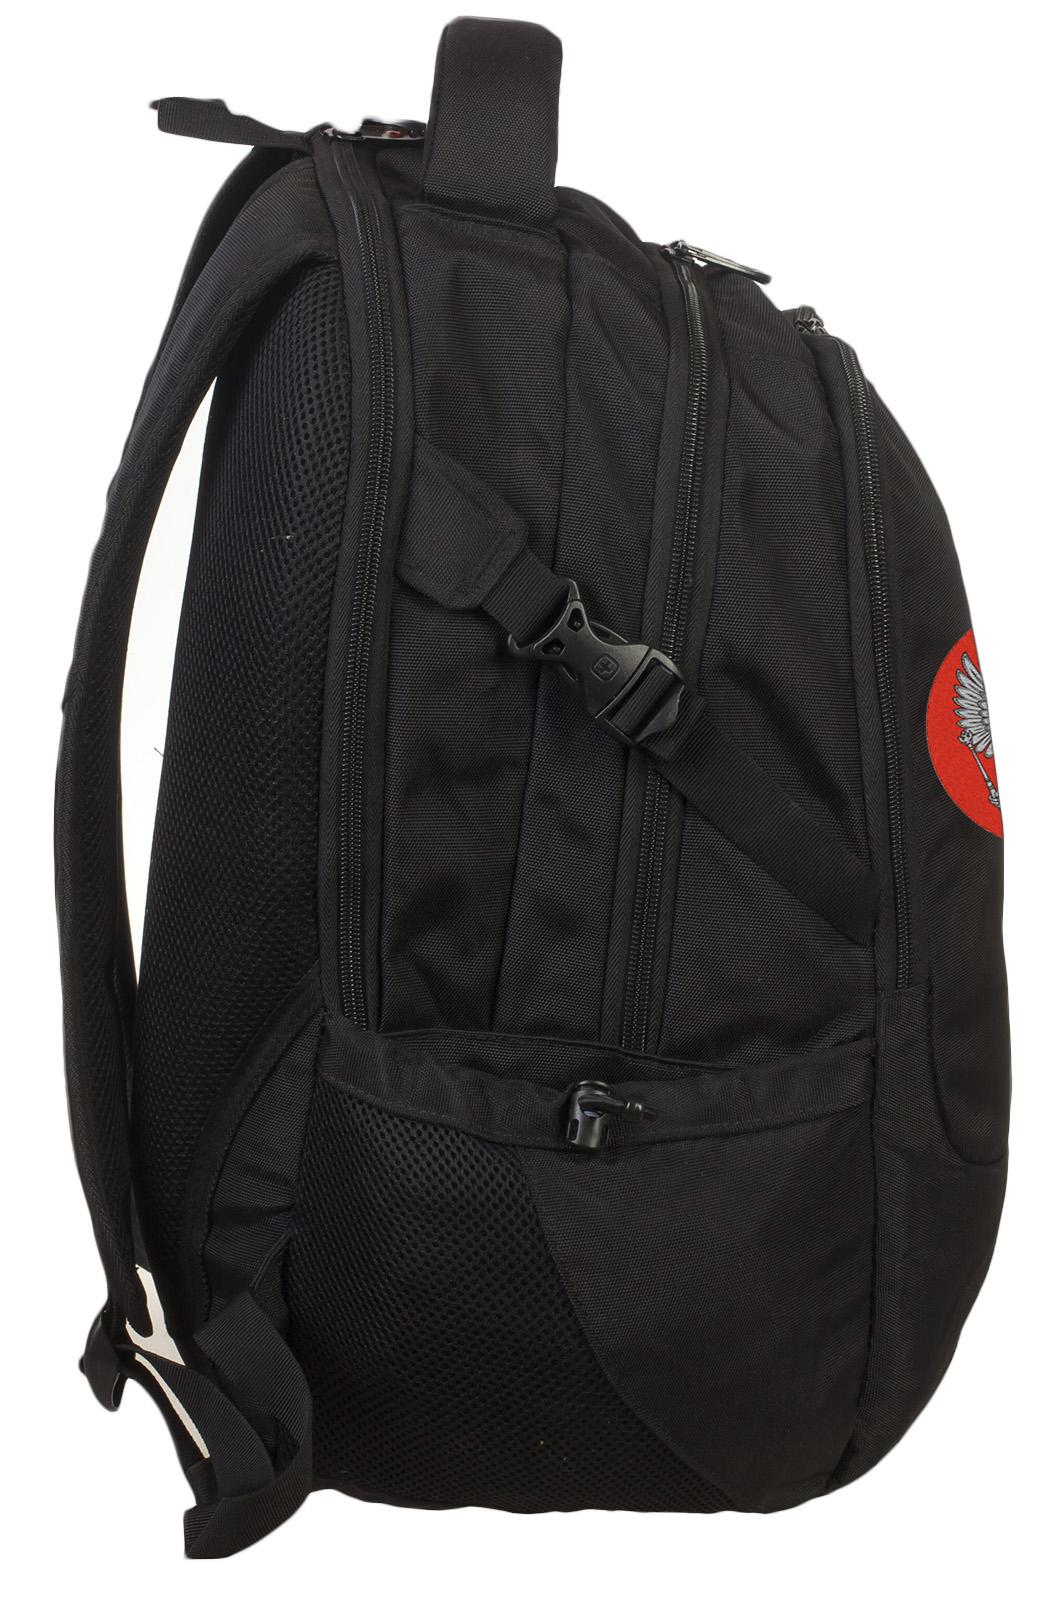 Крутой надежный рюкзак с нашивкой Герб России - заказать в розницу